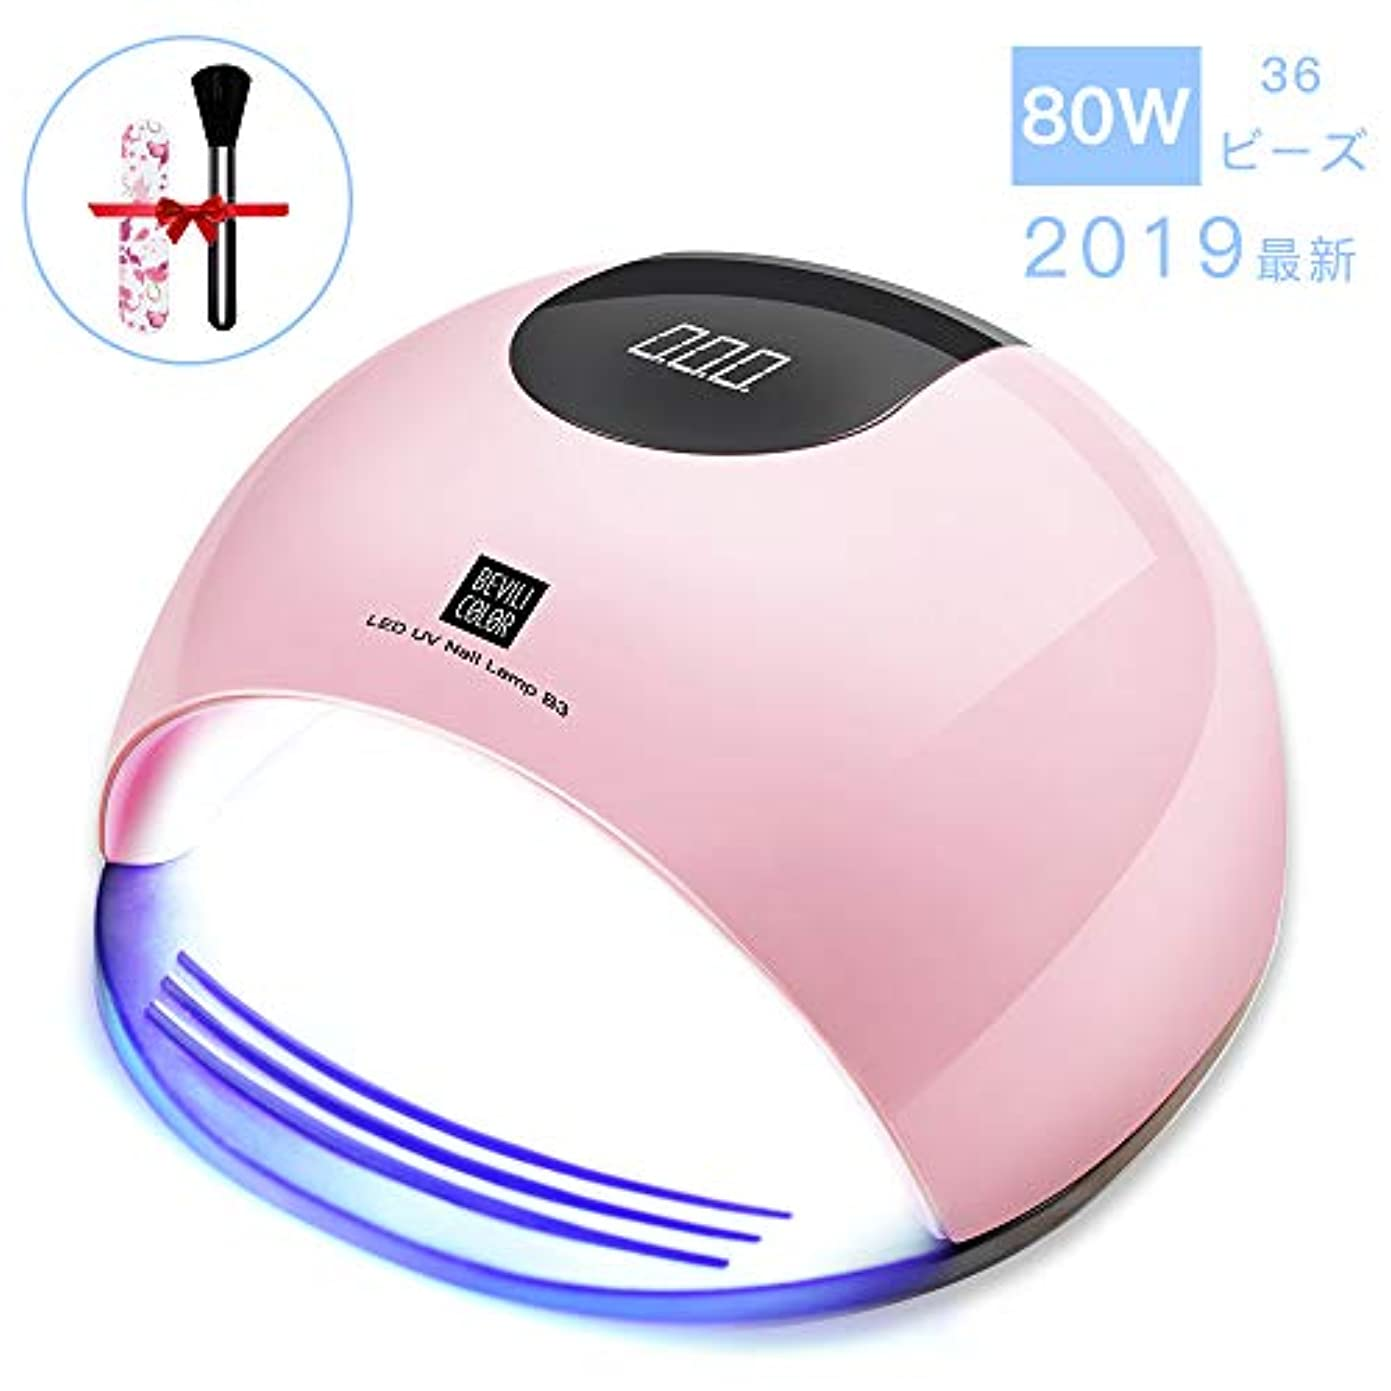 君主制バンケットやさしいジェルネイル ライトレジン uvライトネイルドライヤー ハンドフット両用 ネイル led ライト80W ハイパワー ジェルネイルライト 肌をケア センサータイマー付き (Pink)